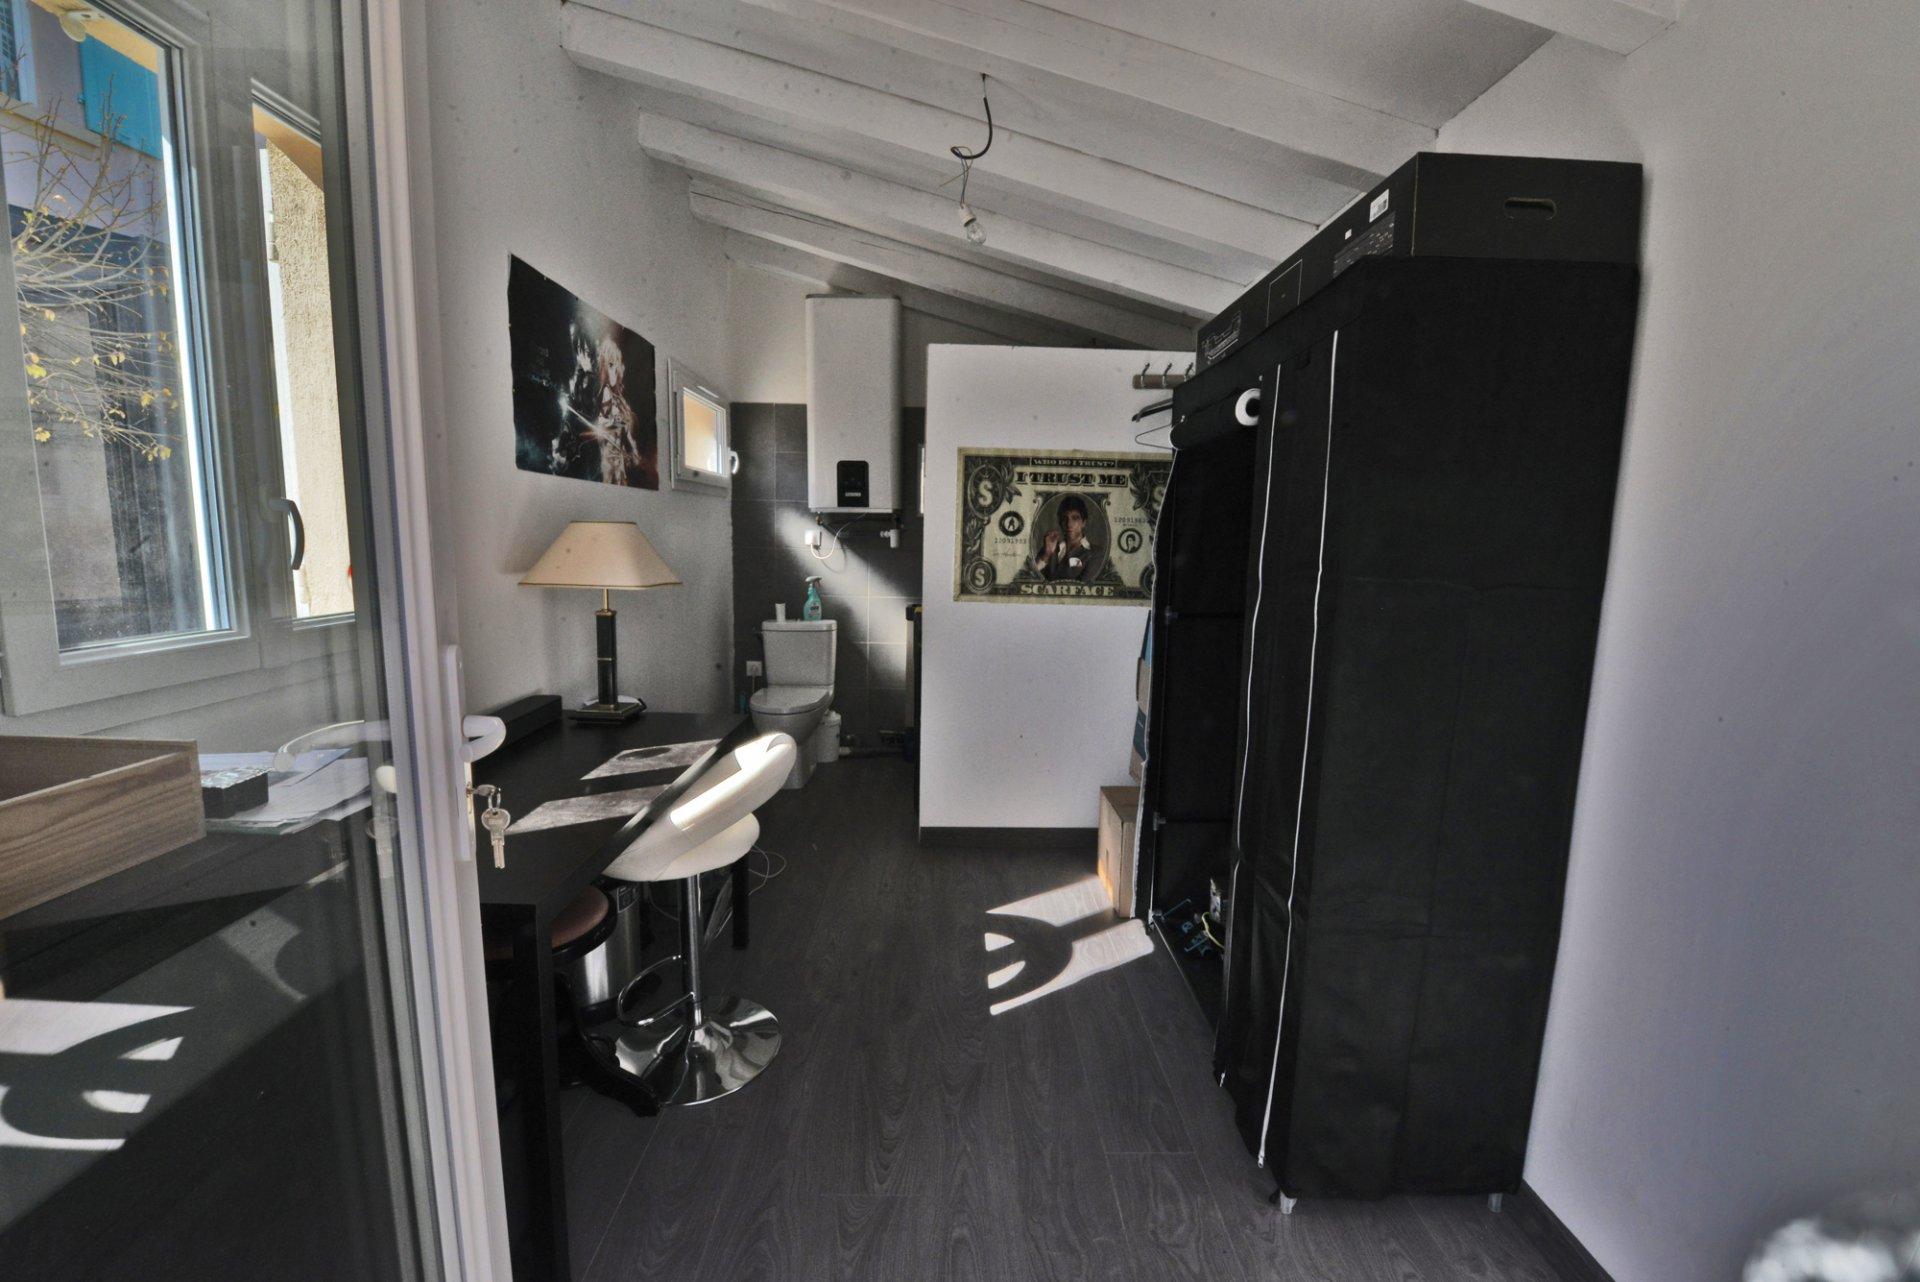 Sale Apartment villa - Sanary-sur-Mer Centre Ville